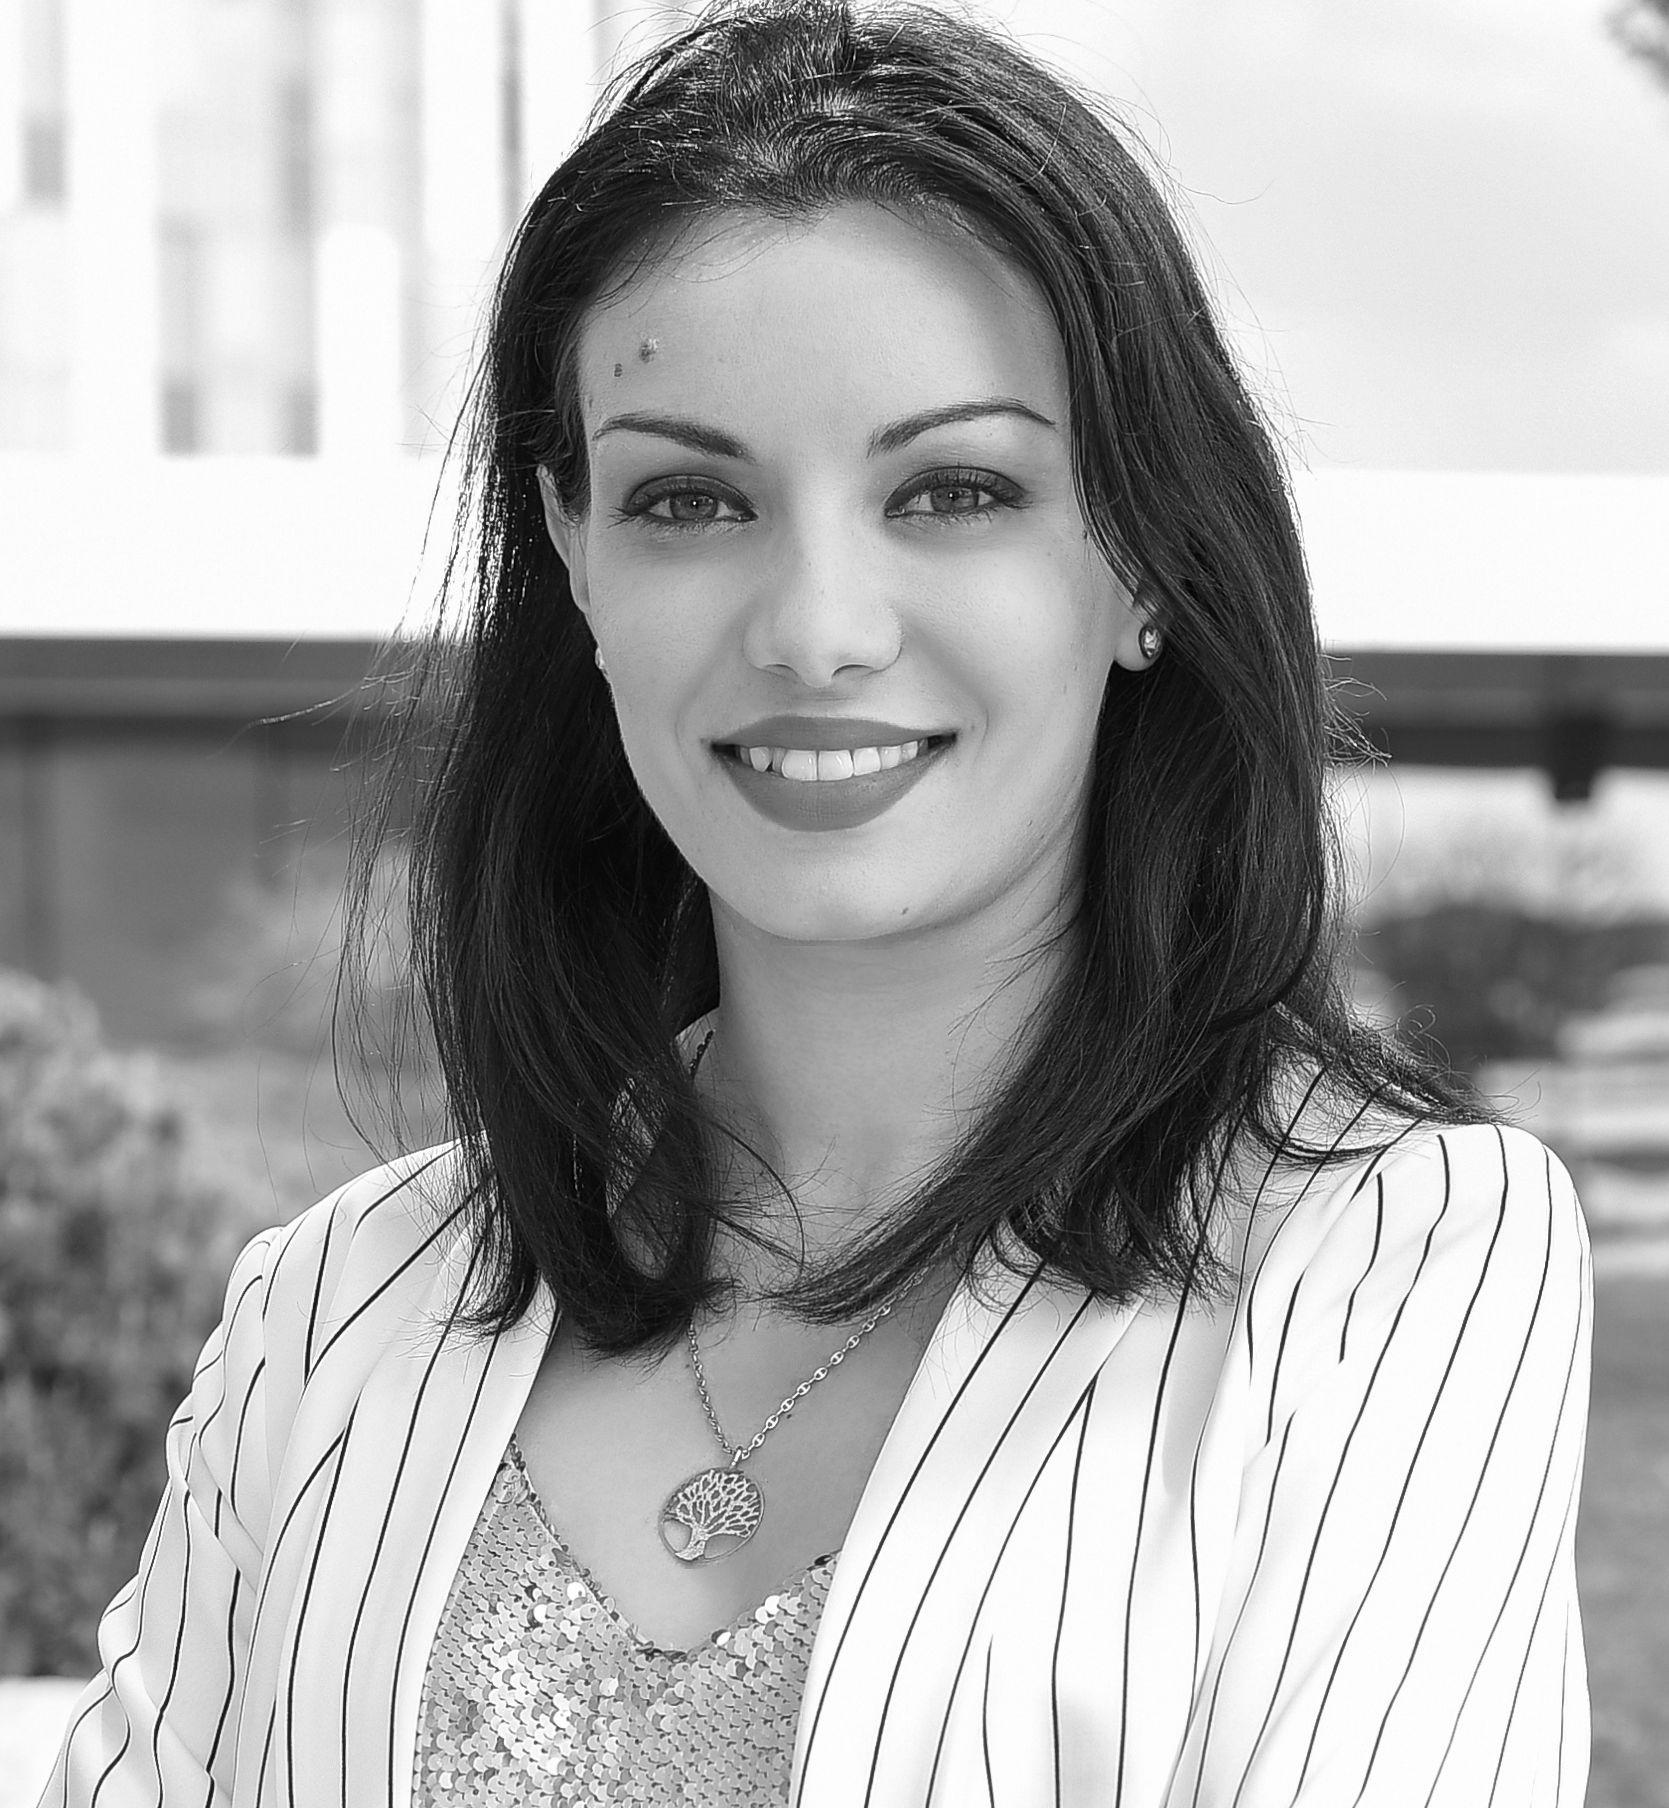 Alexandra Badita